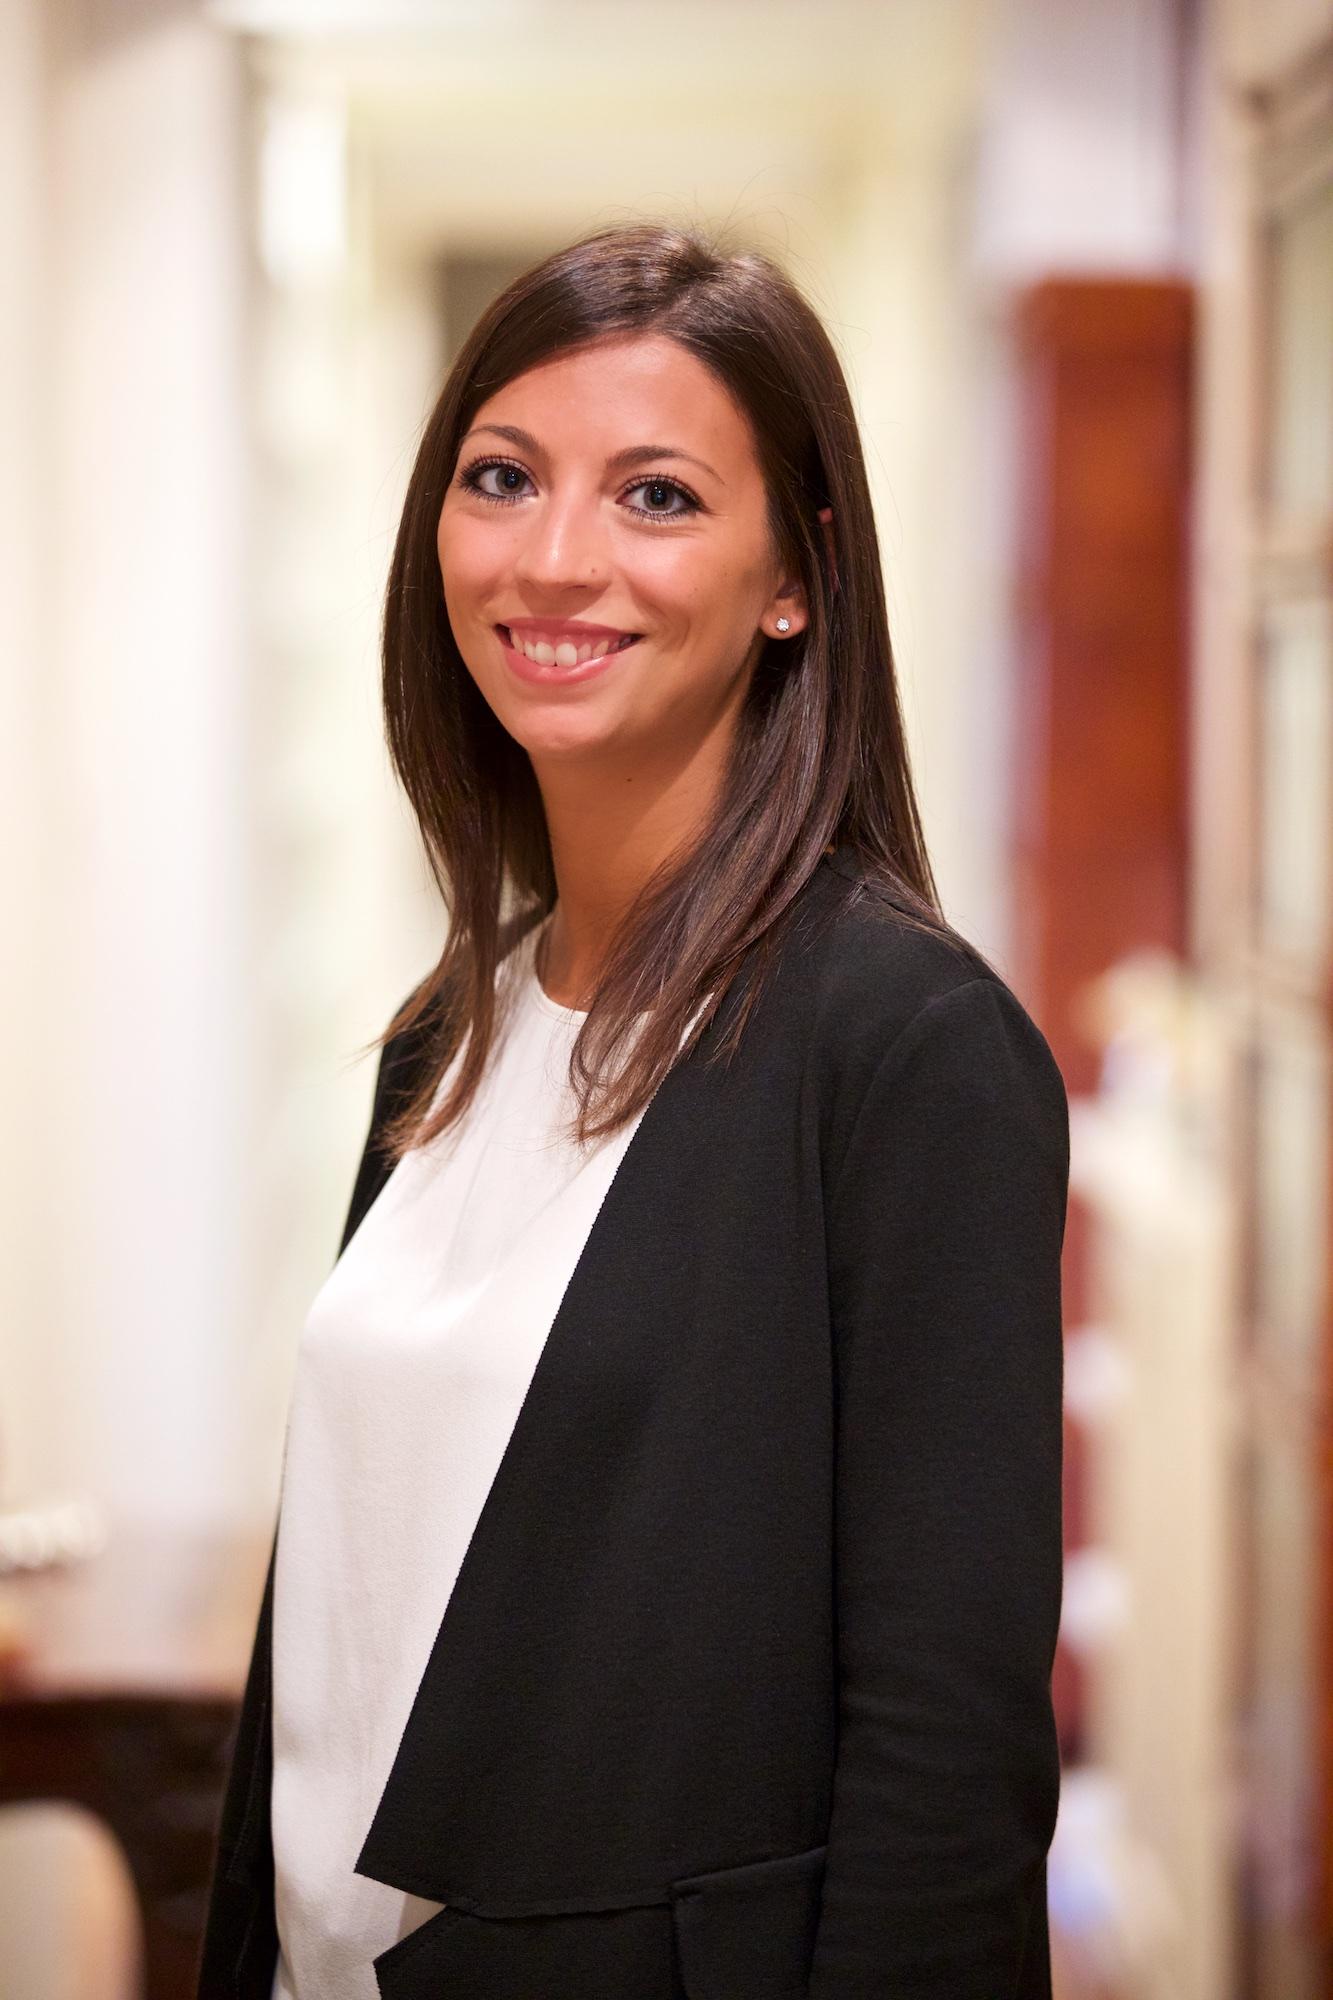 Laura Gagnoni Schippisi